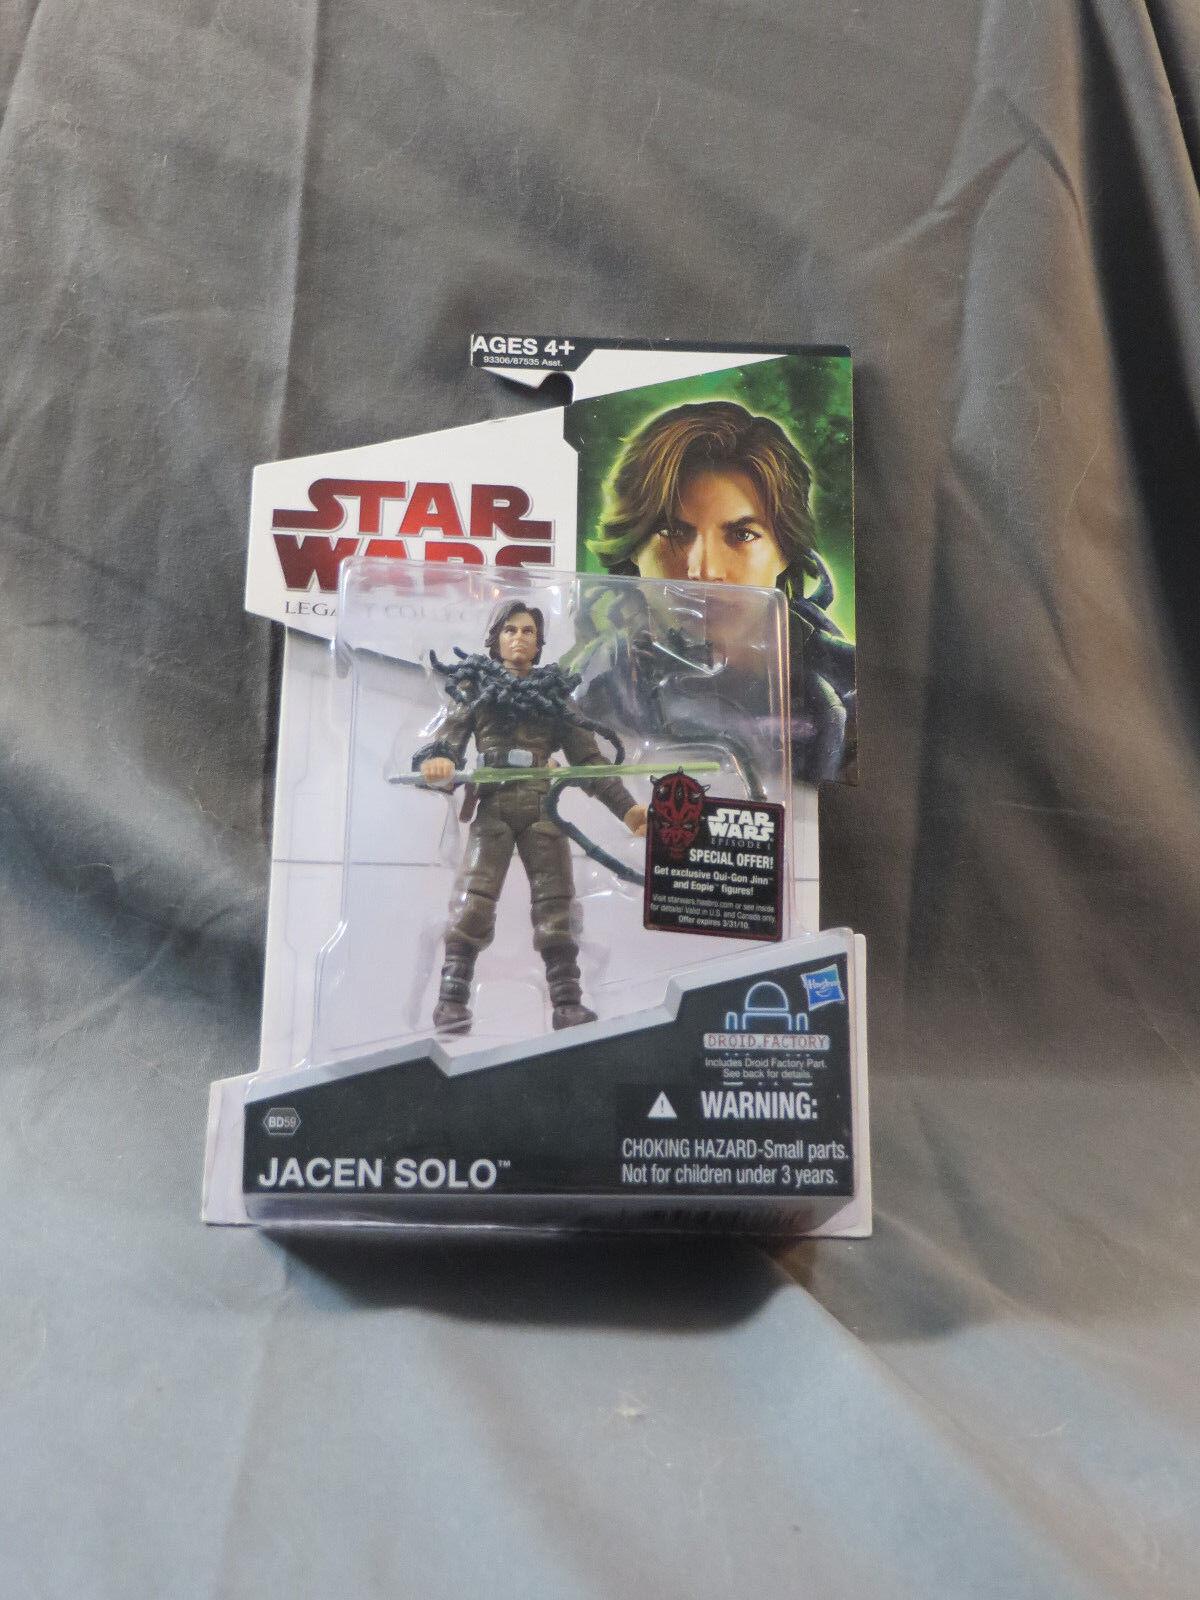 2009 Hasbro estrella guerras Legacy Collection Jacen Solo  MOC BD59 Jedi Knight  Spedizione gratuita al 100%